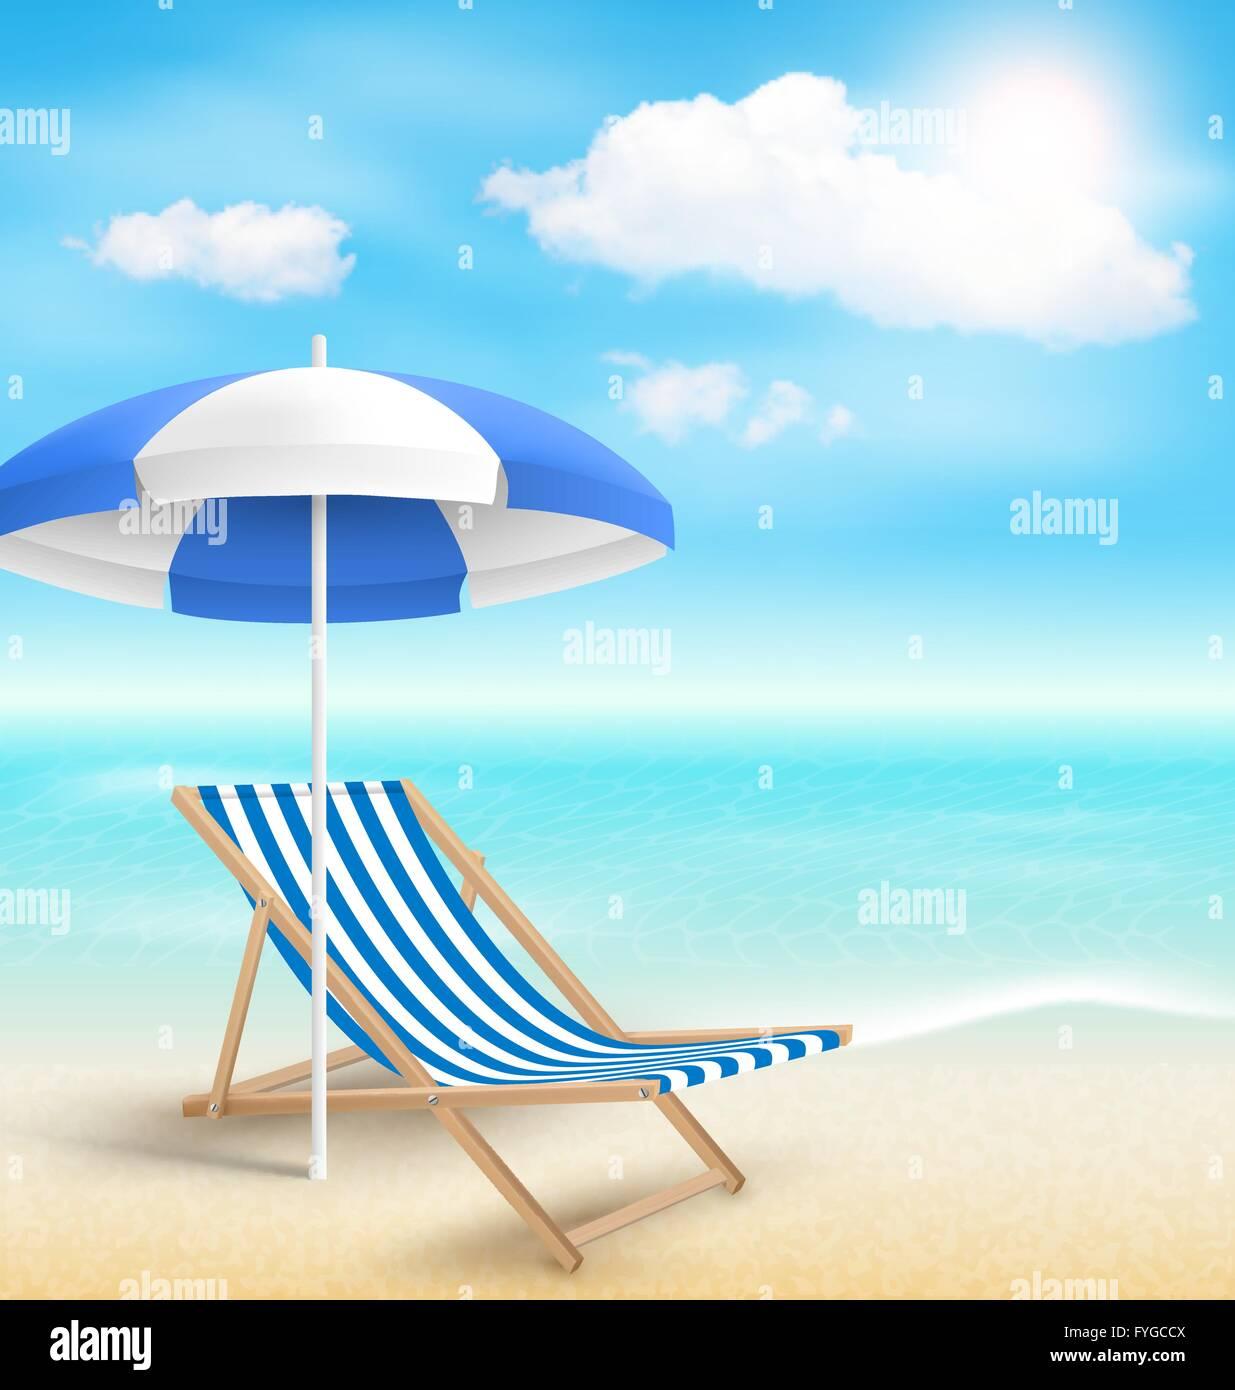 beach with sun beach umbrella beach chair and clouds summer vac